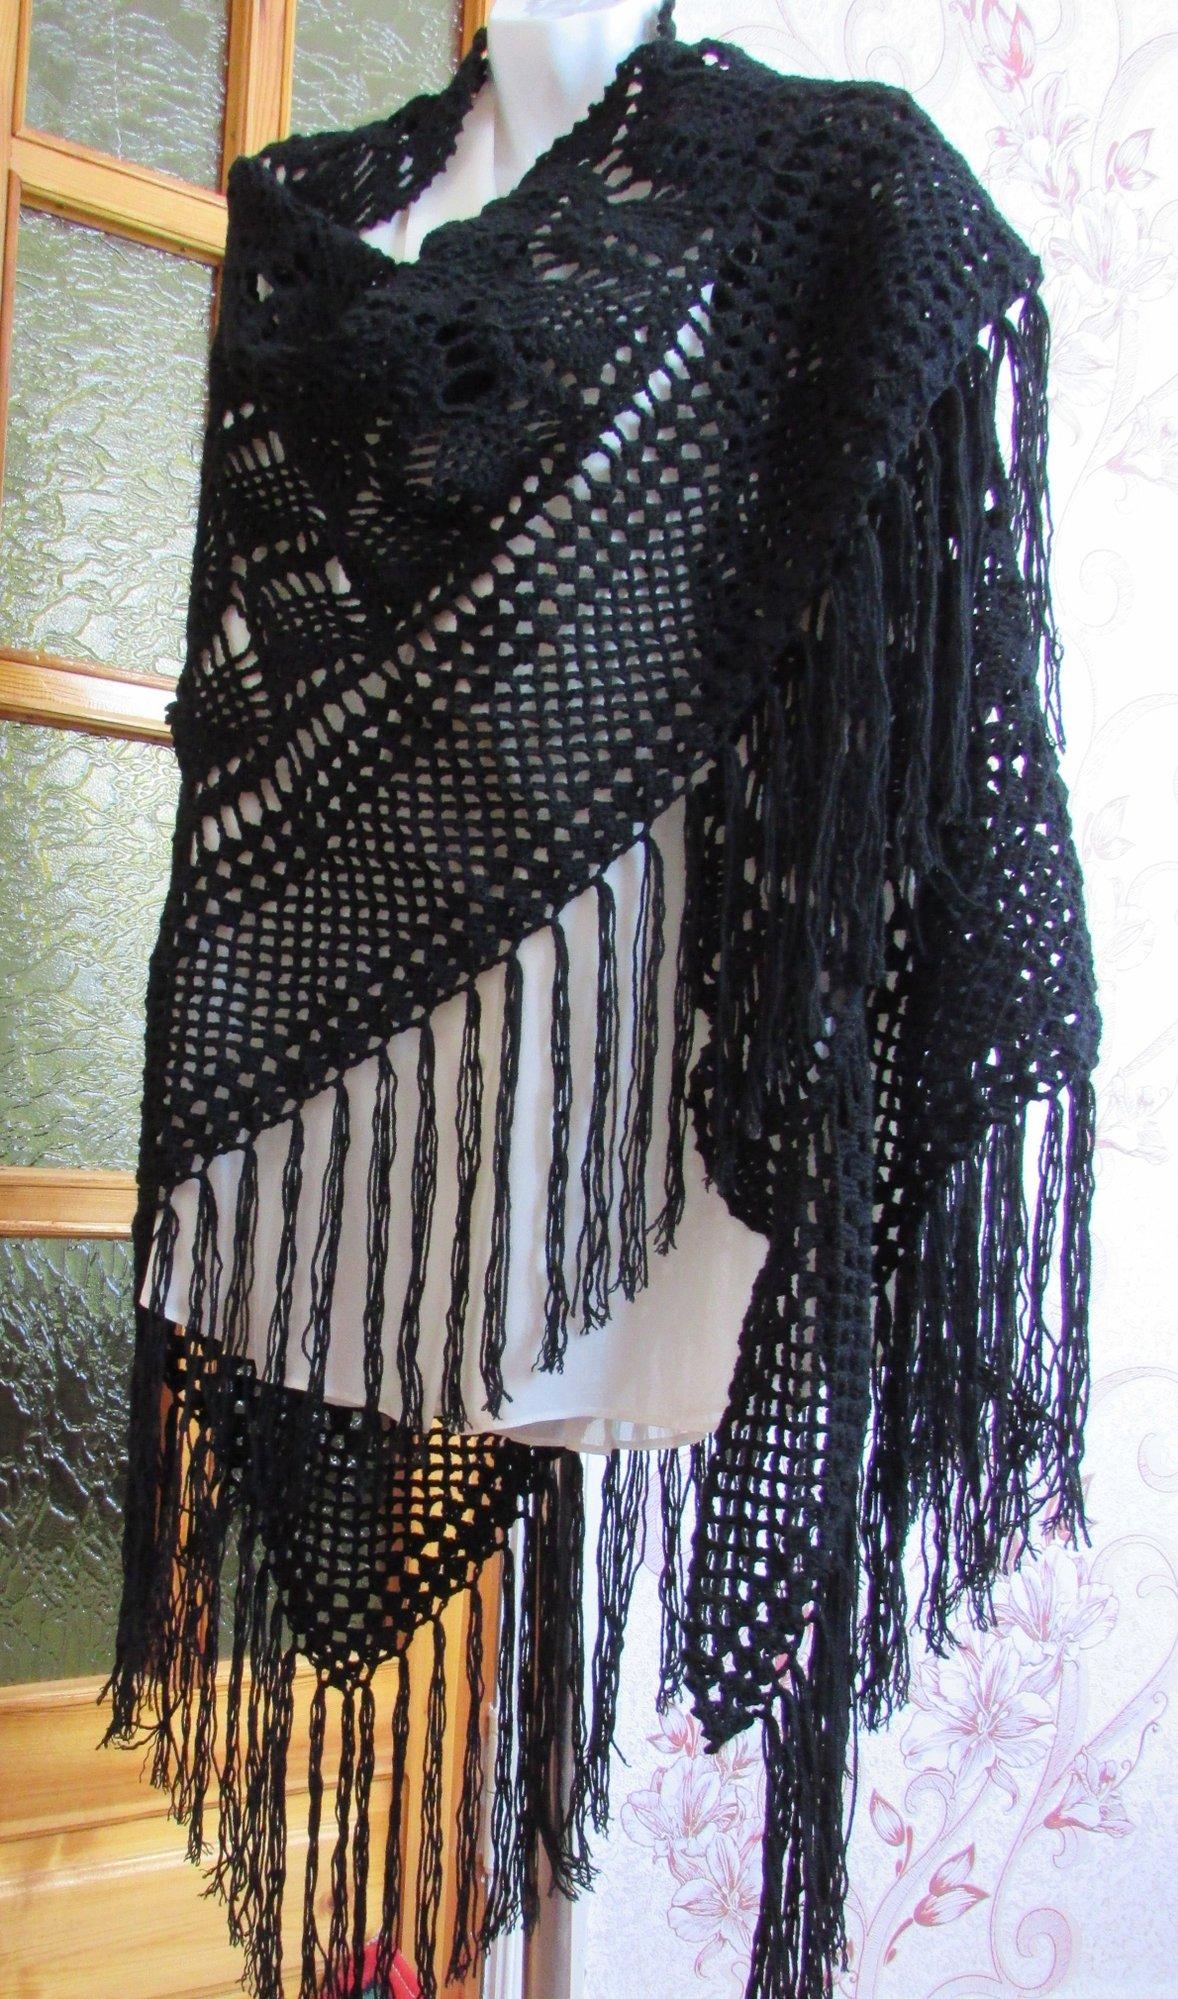 вязаная шаль ручной работы черный ажур 2800 руб своими руками